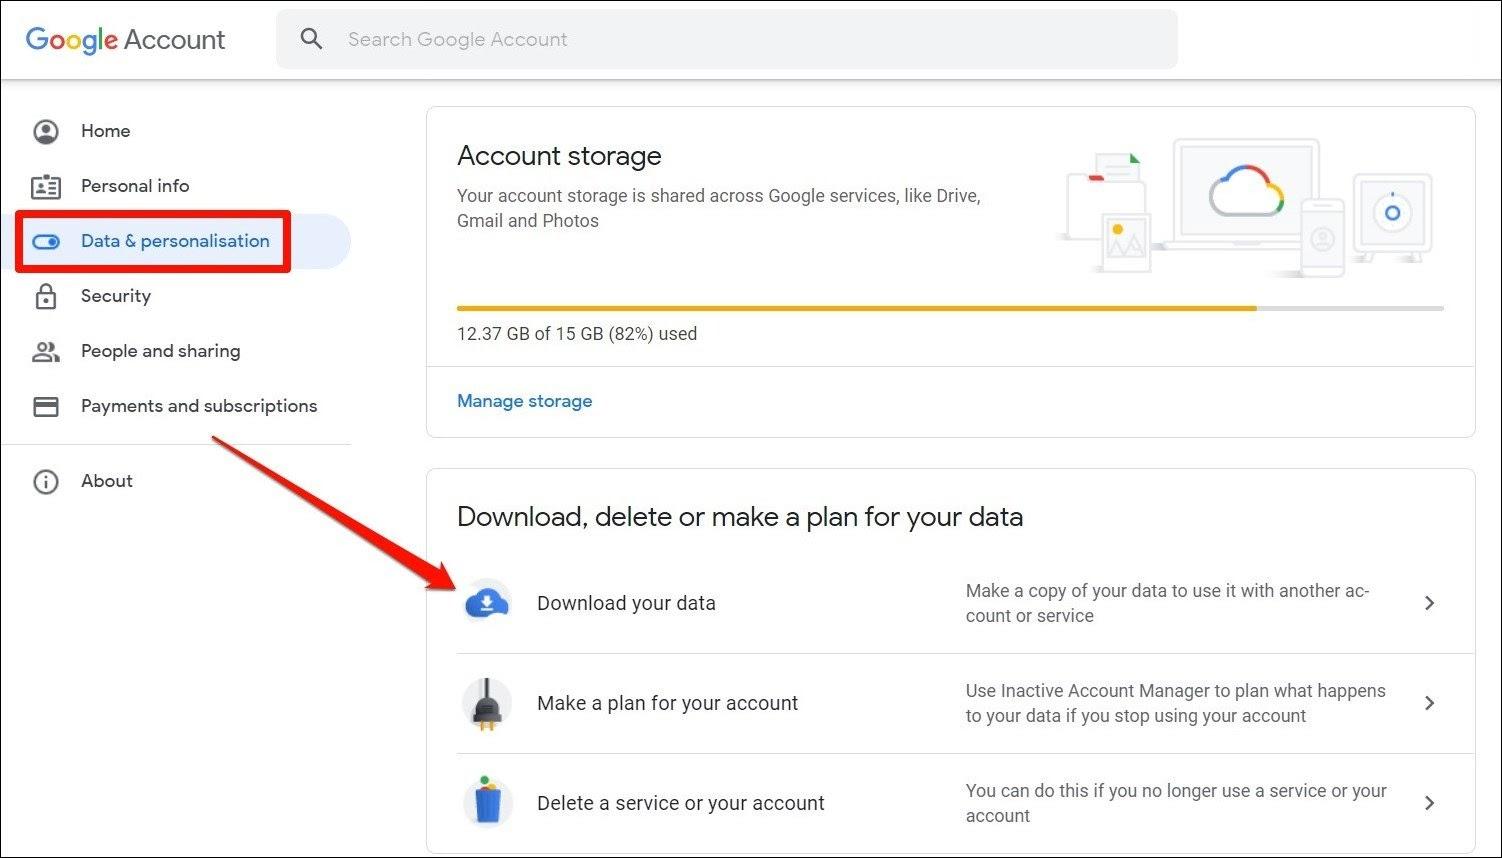 Datos y personalización